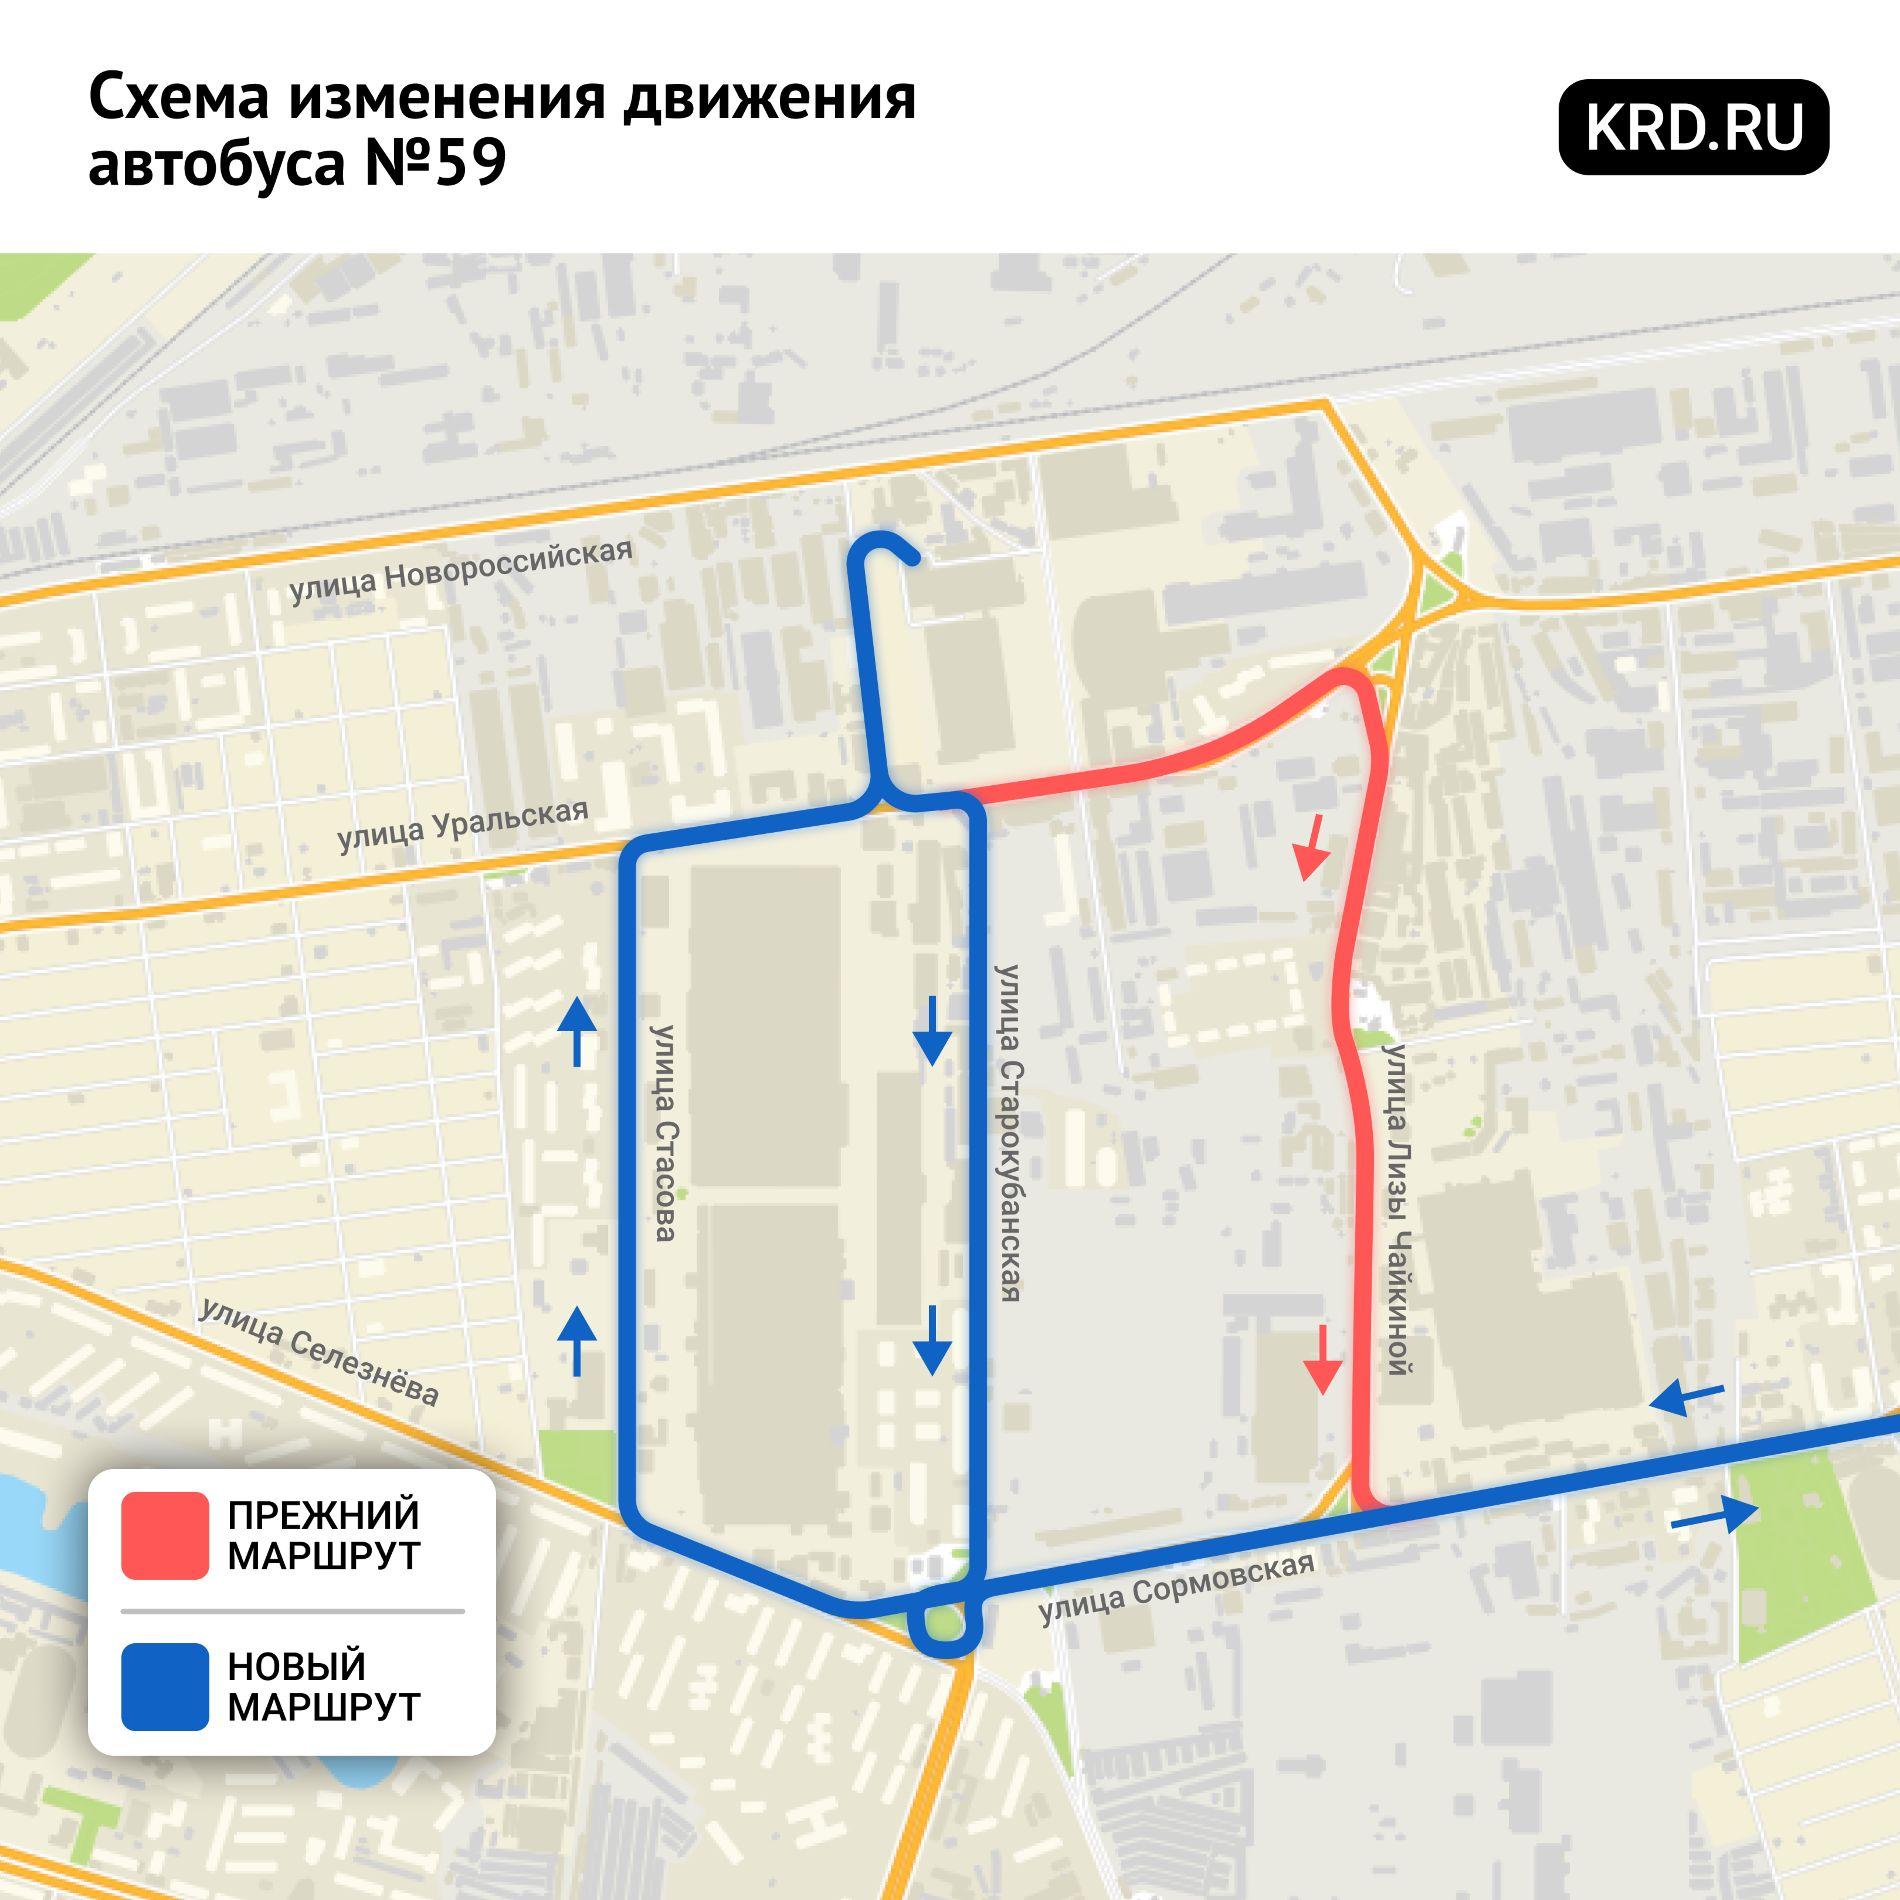 Временная схема маршрута автобуса № 59 ©Графика пресс-службы администрации Краснодара